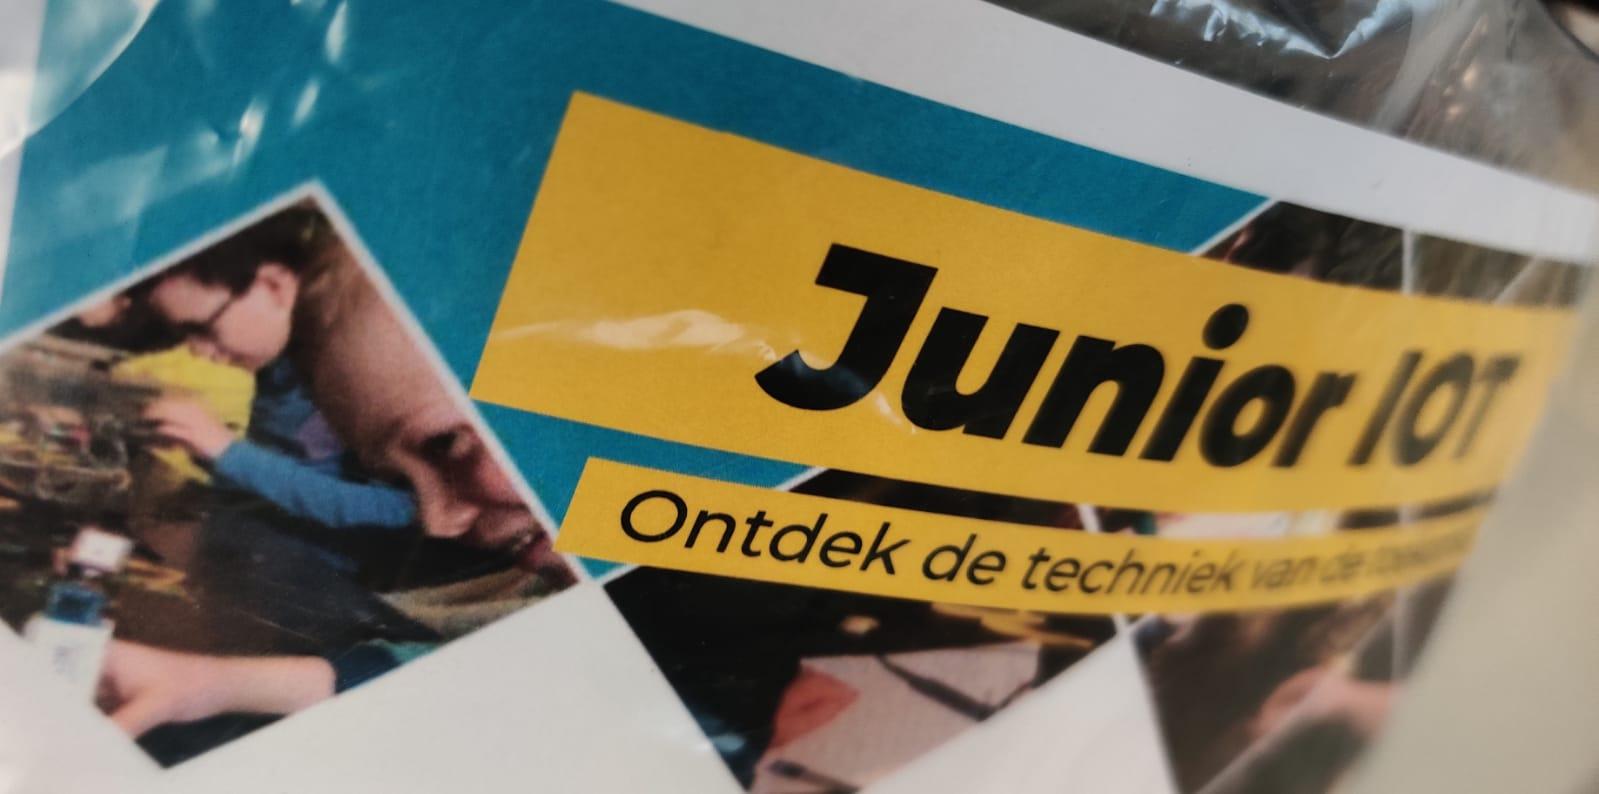 Start – Beginnen met Junior IOT – Solderen, programmeren, electronica en nog veel meer